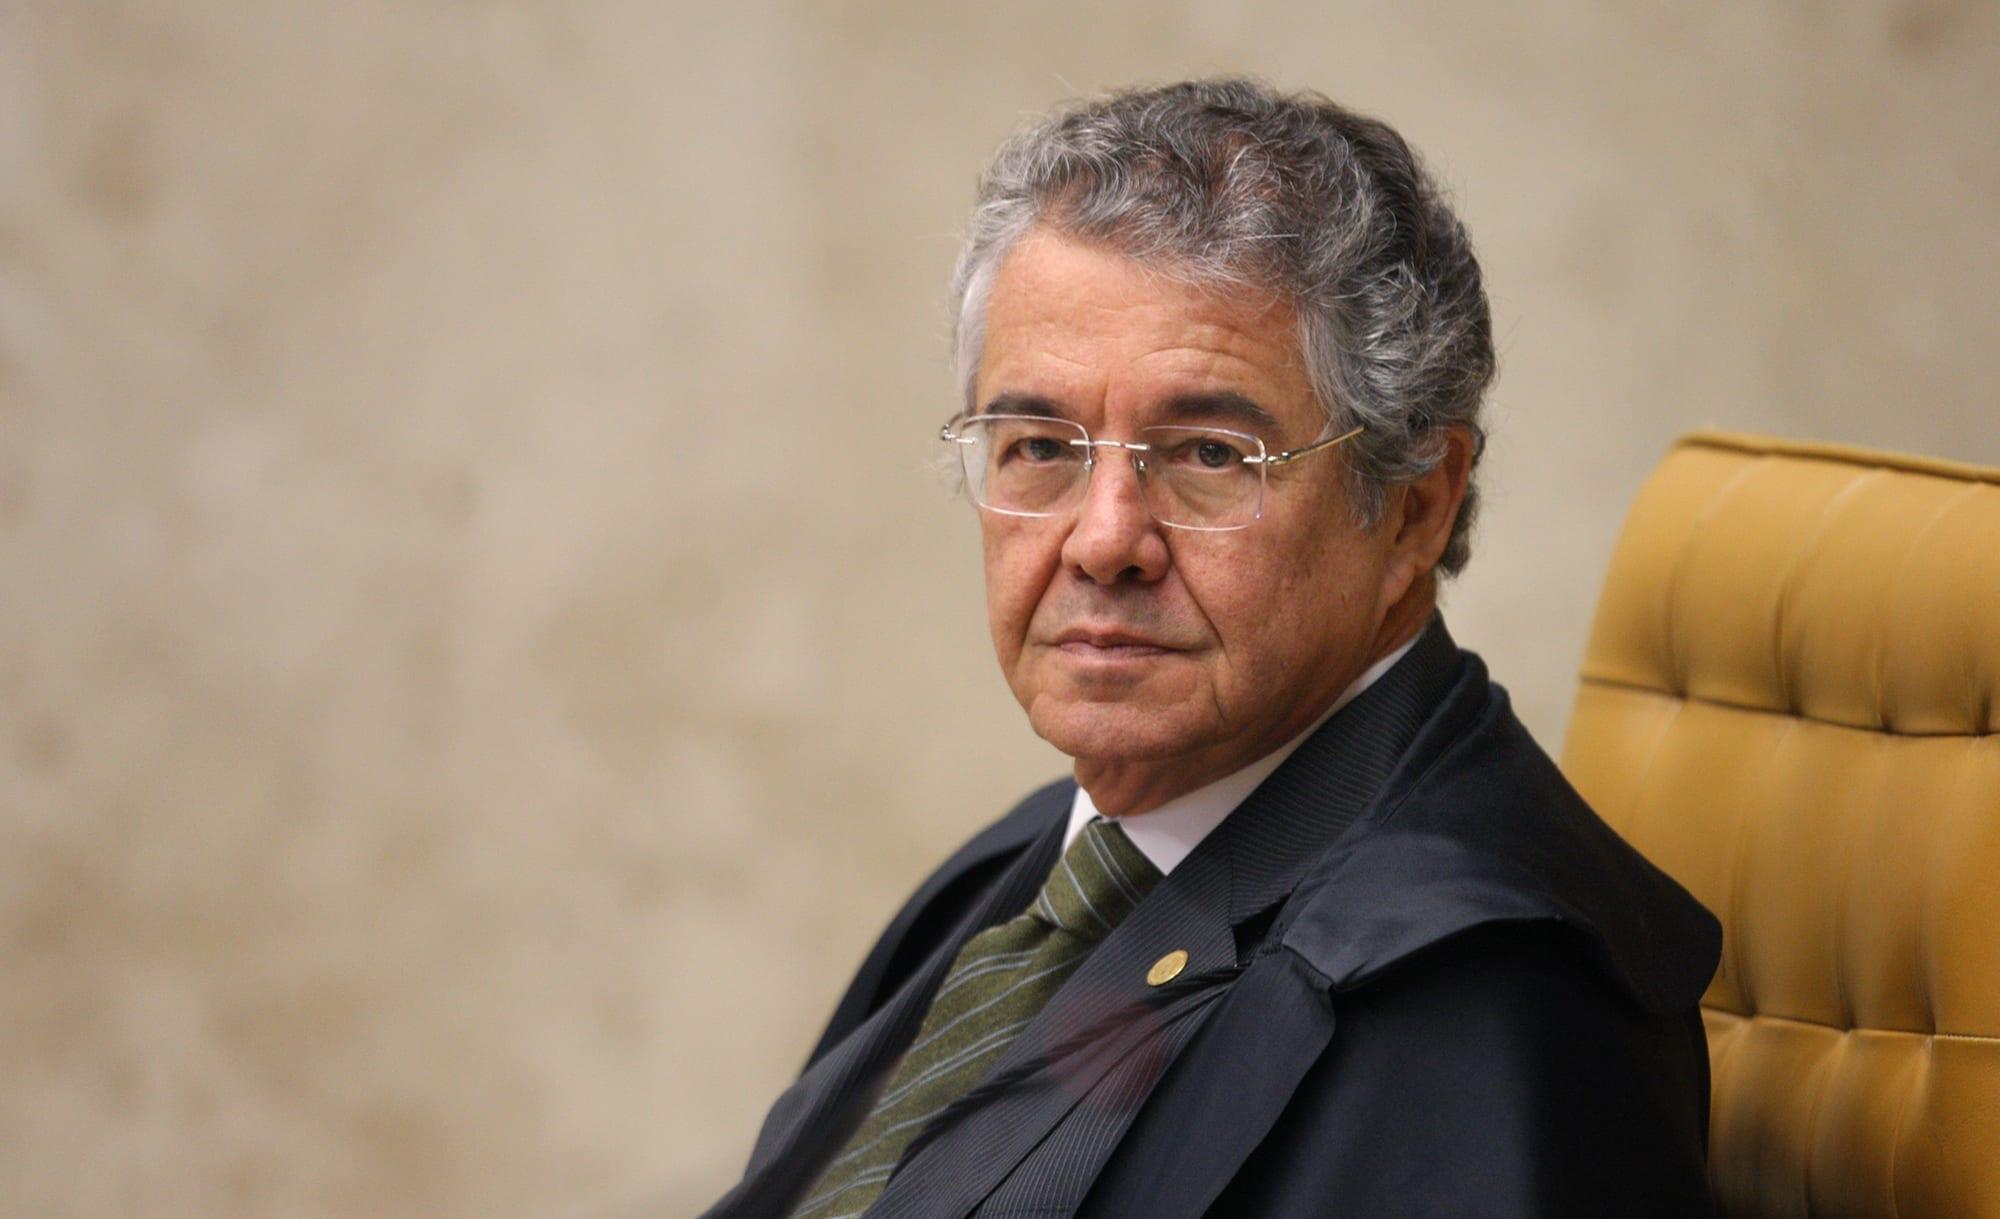 Ministro Marco Aurélio Mello se aposenta do STF após 31 anos no cargo